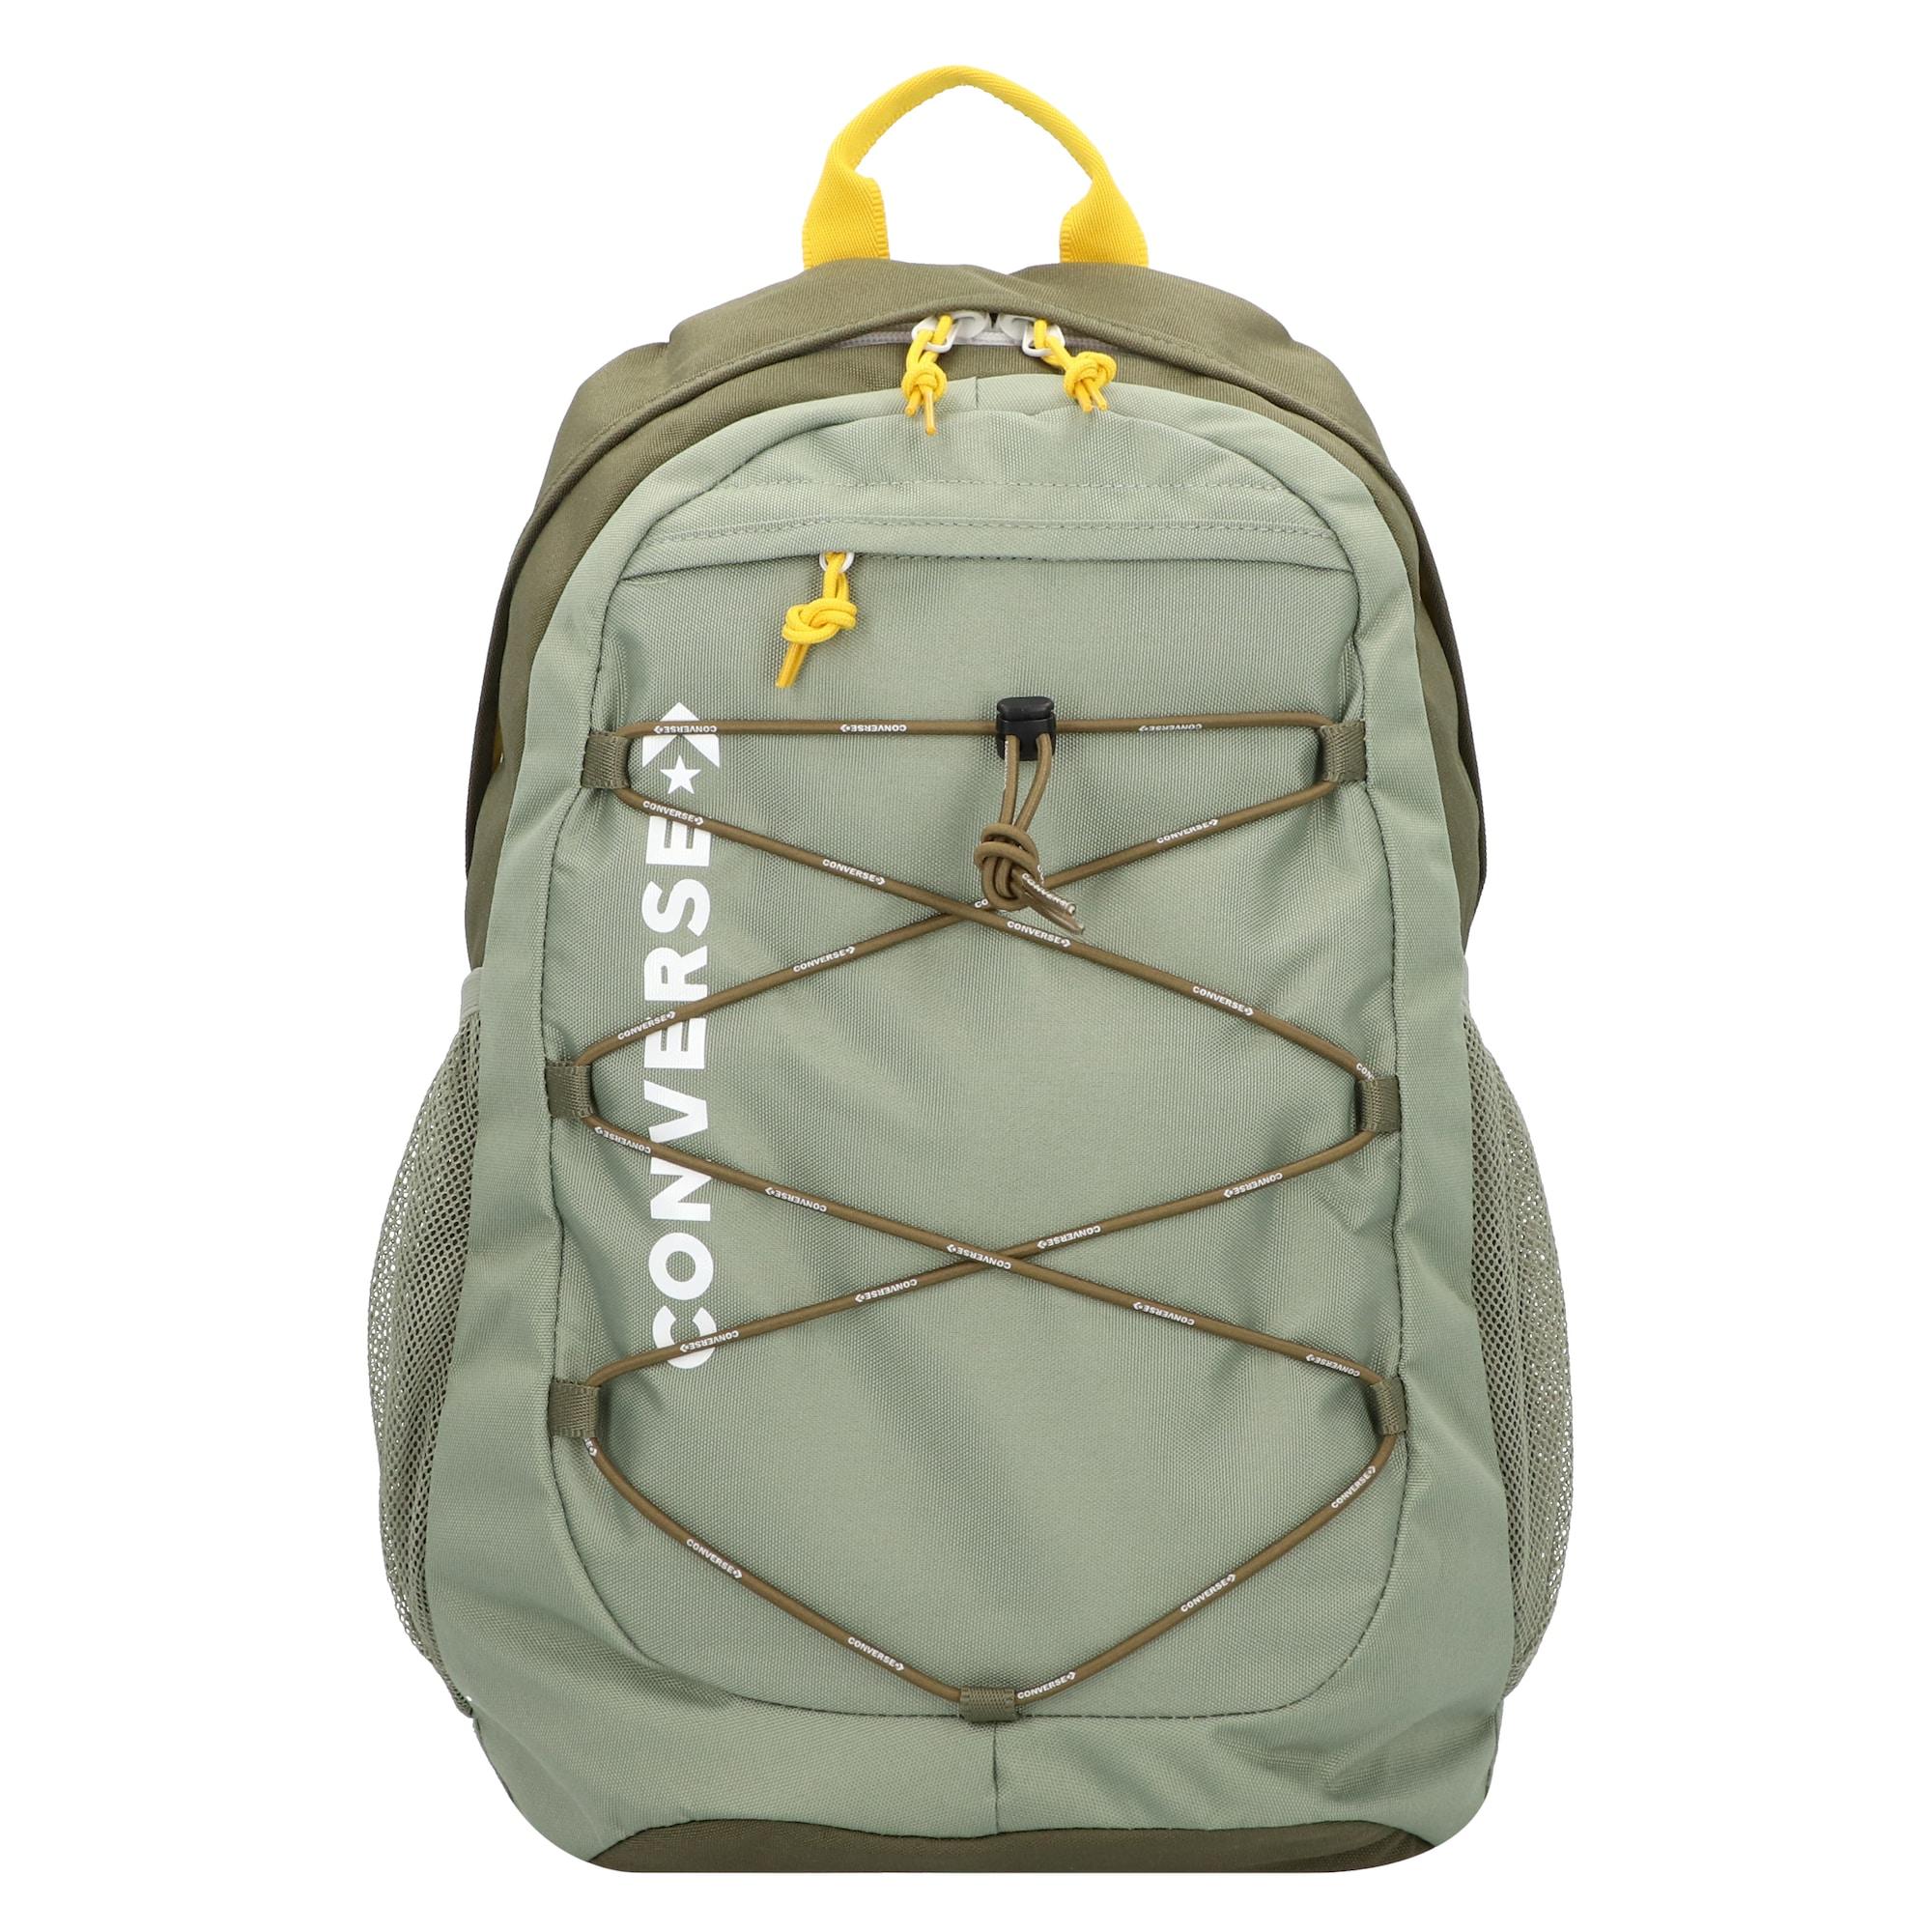 Rucksack | Taschen > Rucksäcke > Sonstige Rucksäcke | Converse